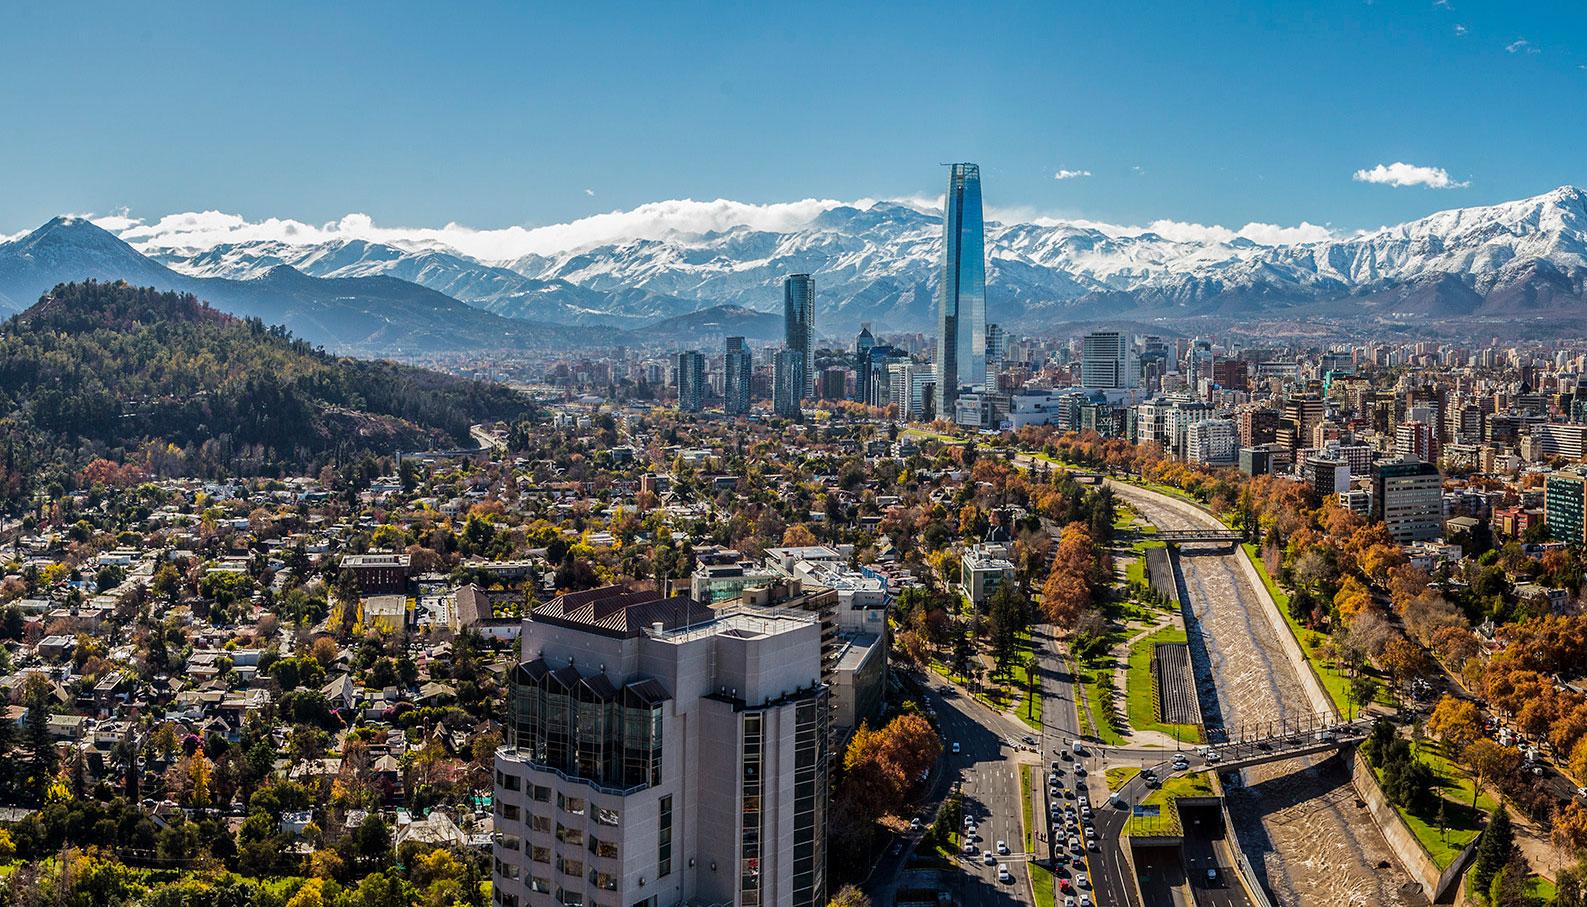 Architekturreise Südamerika, Architekturreisen 2019, Architekturreise Buenos Aires und Santiago de Chile, Architekturreisen 2021